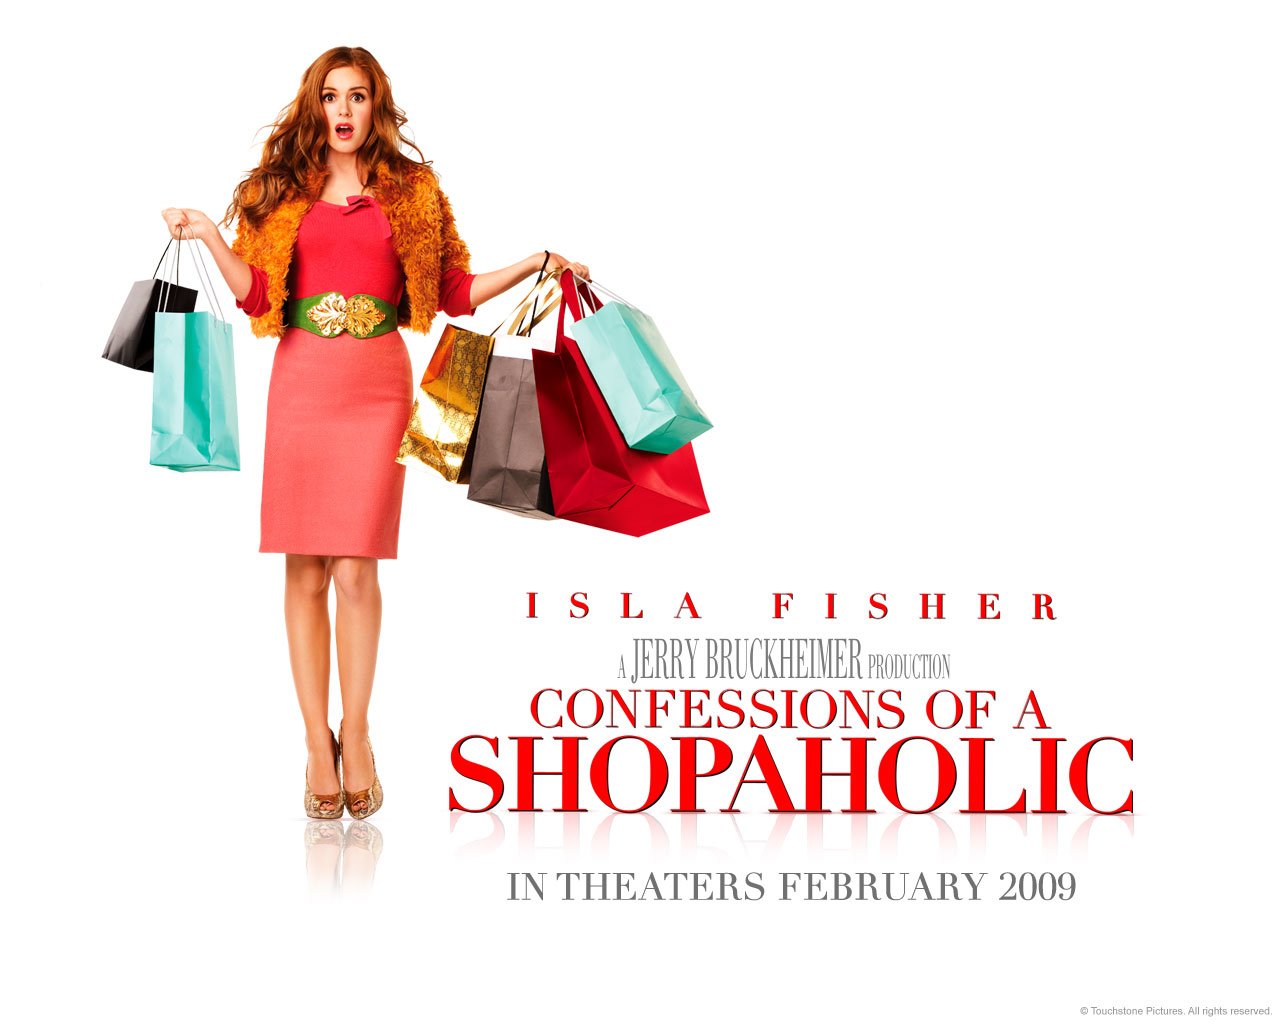 http://3.bp.blogspot.com/-cvfh1b-V5aA/Tf9pw4dOxLI/AAAAAAAAAjI/bqI1H87MJcg/s1600/Isla_Fisher_in_Confessions_of_a_Shopaholic_Wallpaper_2_800.jpg